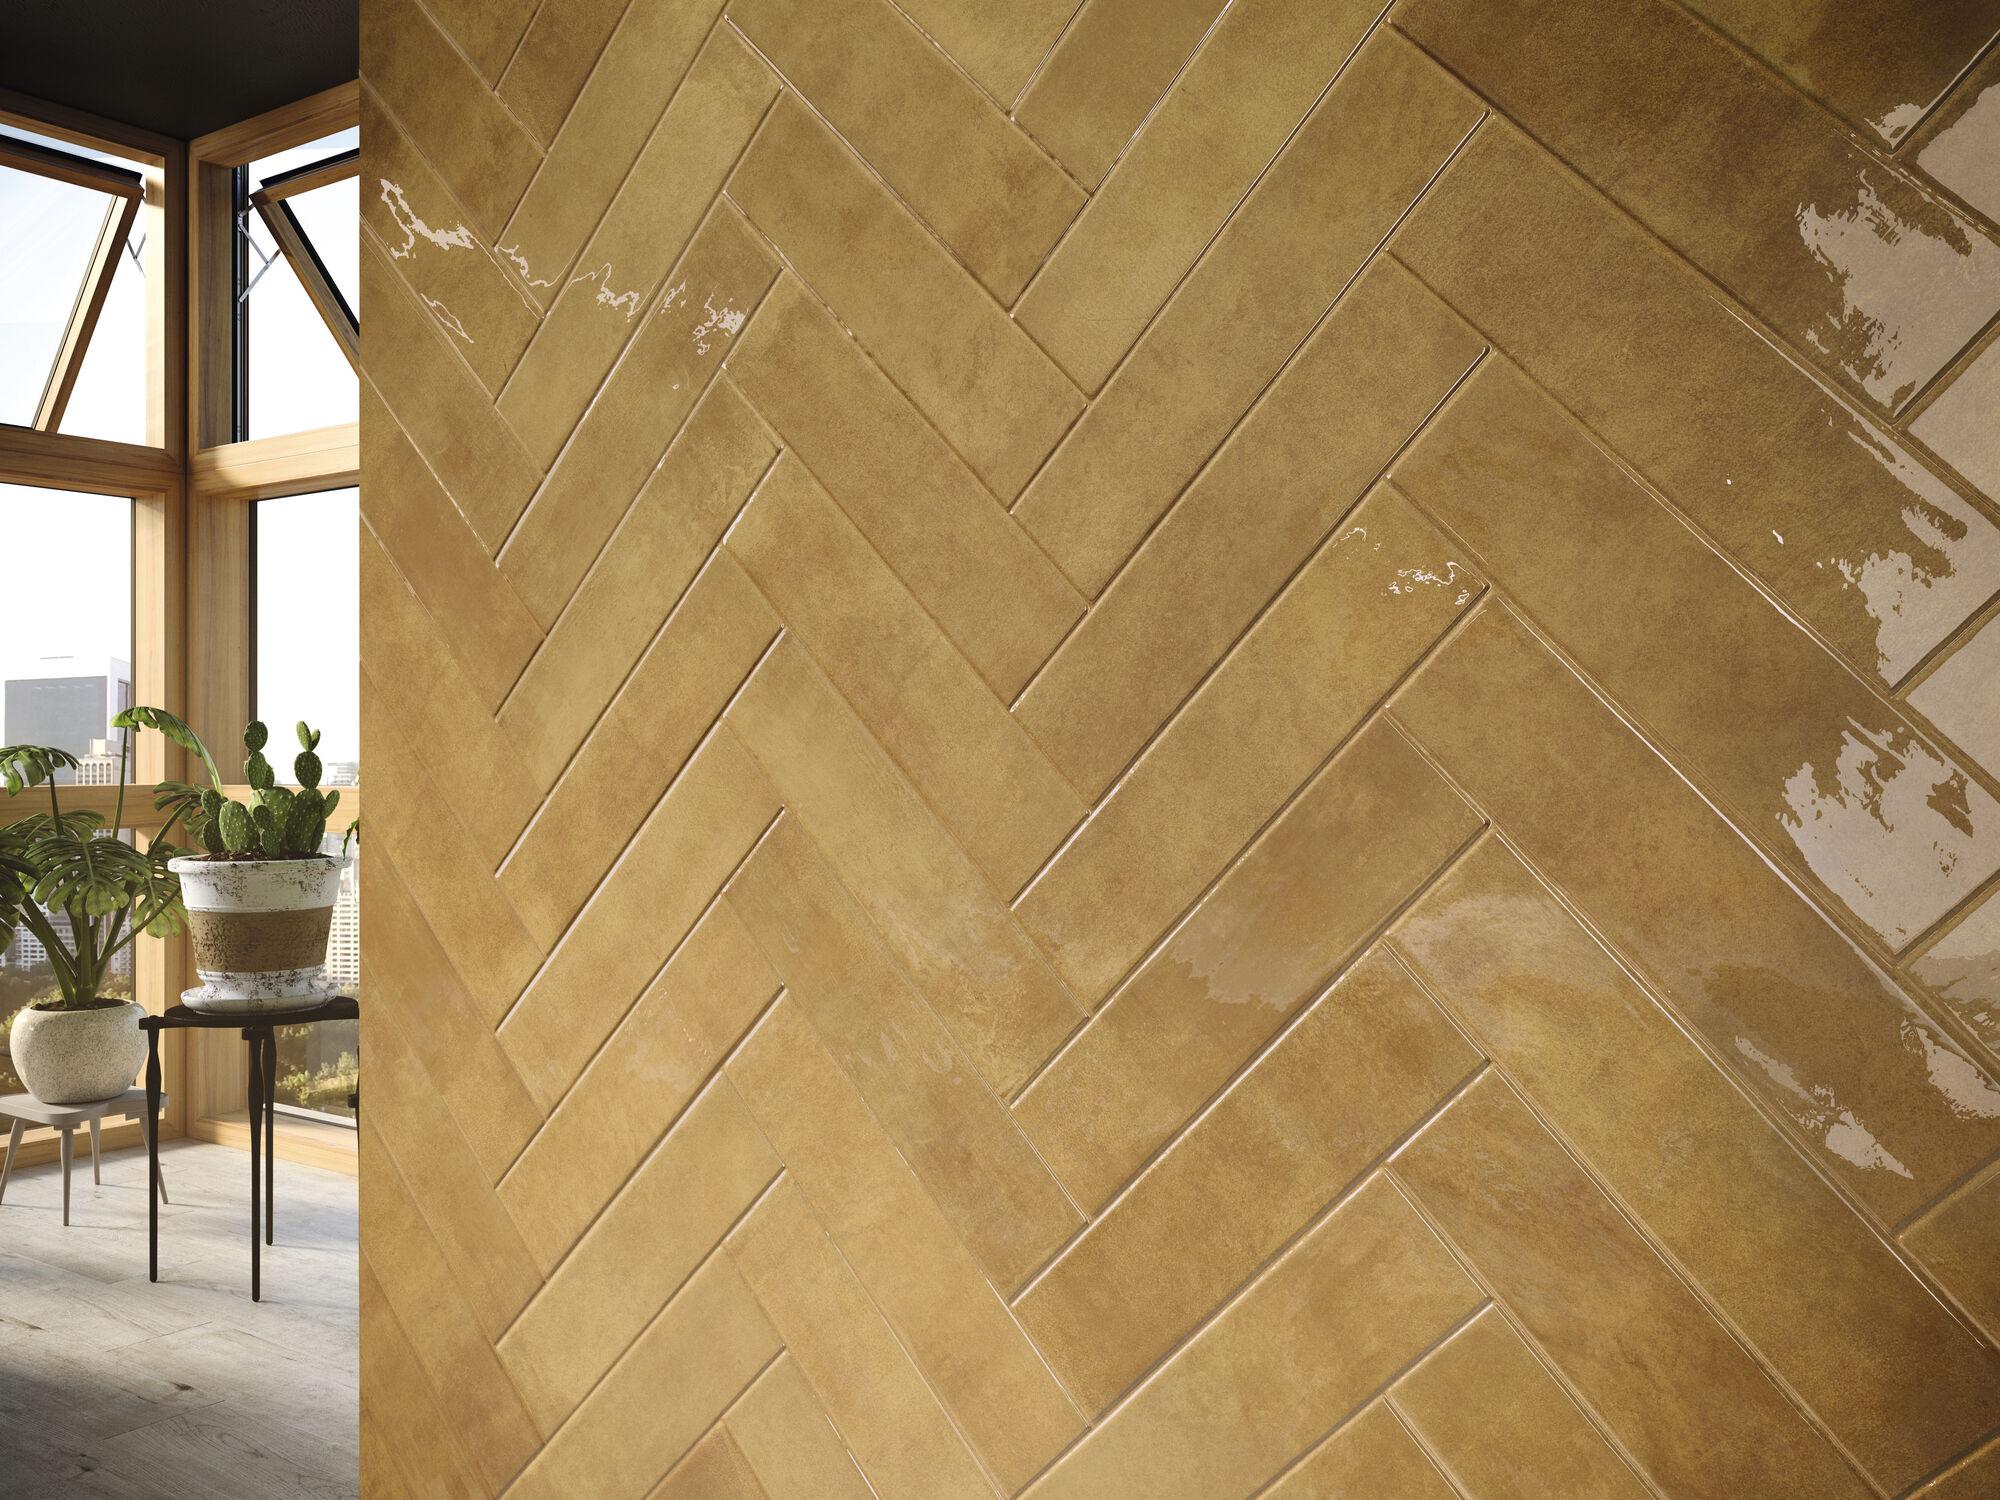 Gemstone Gold 7,5x30 cm. Wooden Maple 20x114 cm.